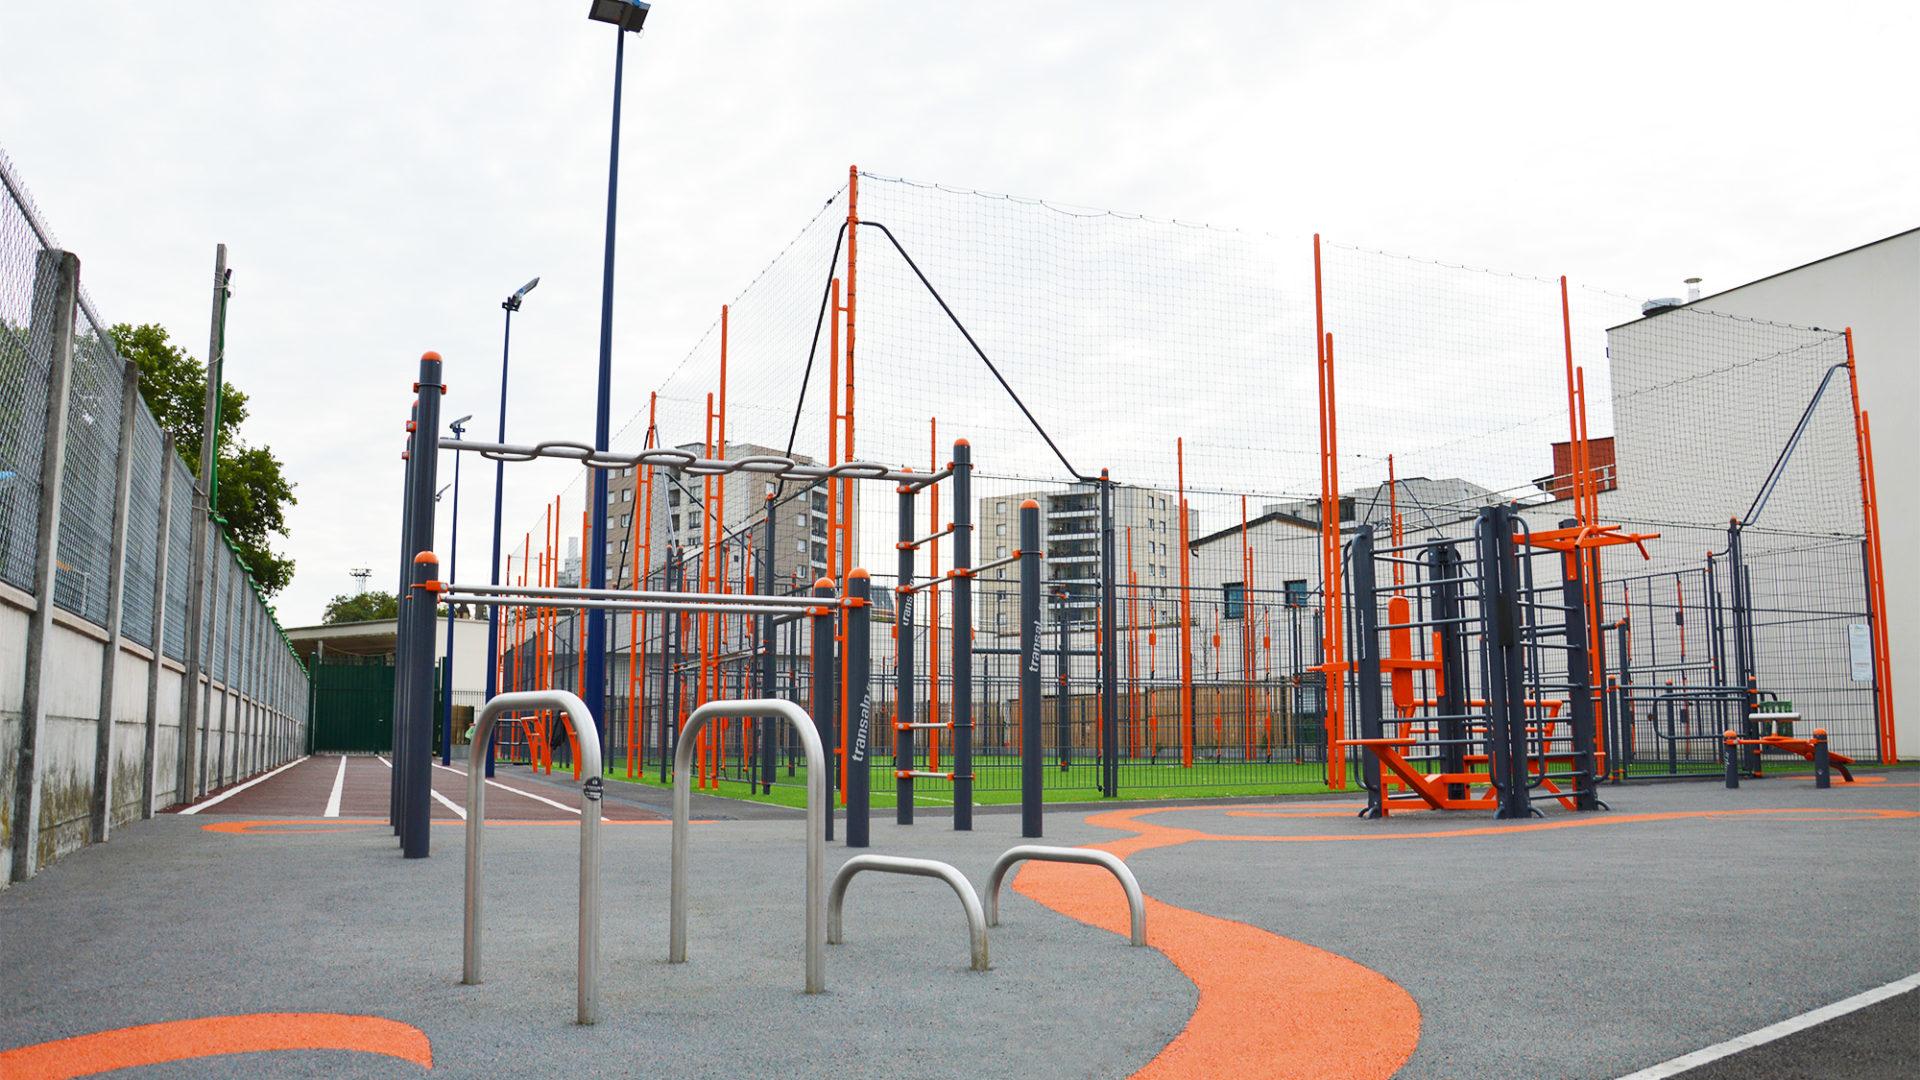 Terrain multisports en deux terrains sportifs, agrès de street-workout et piste d'athlétisme sur sol souple